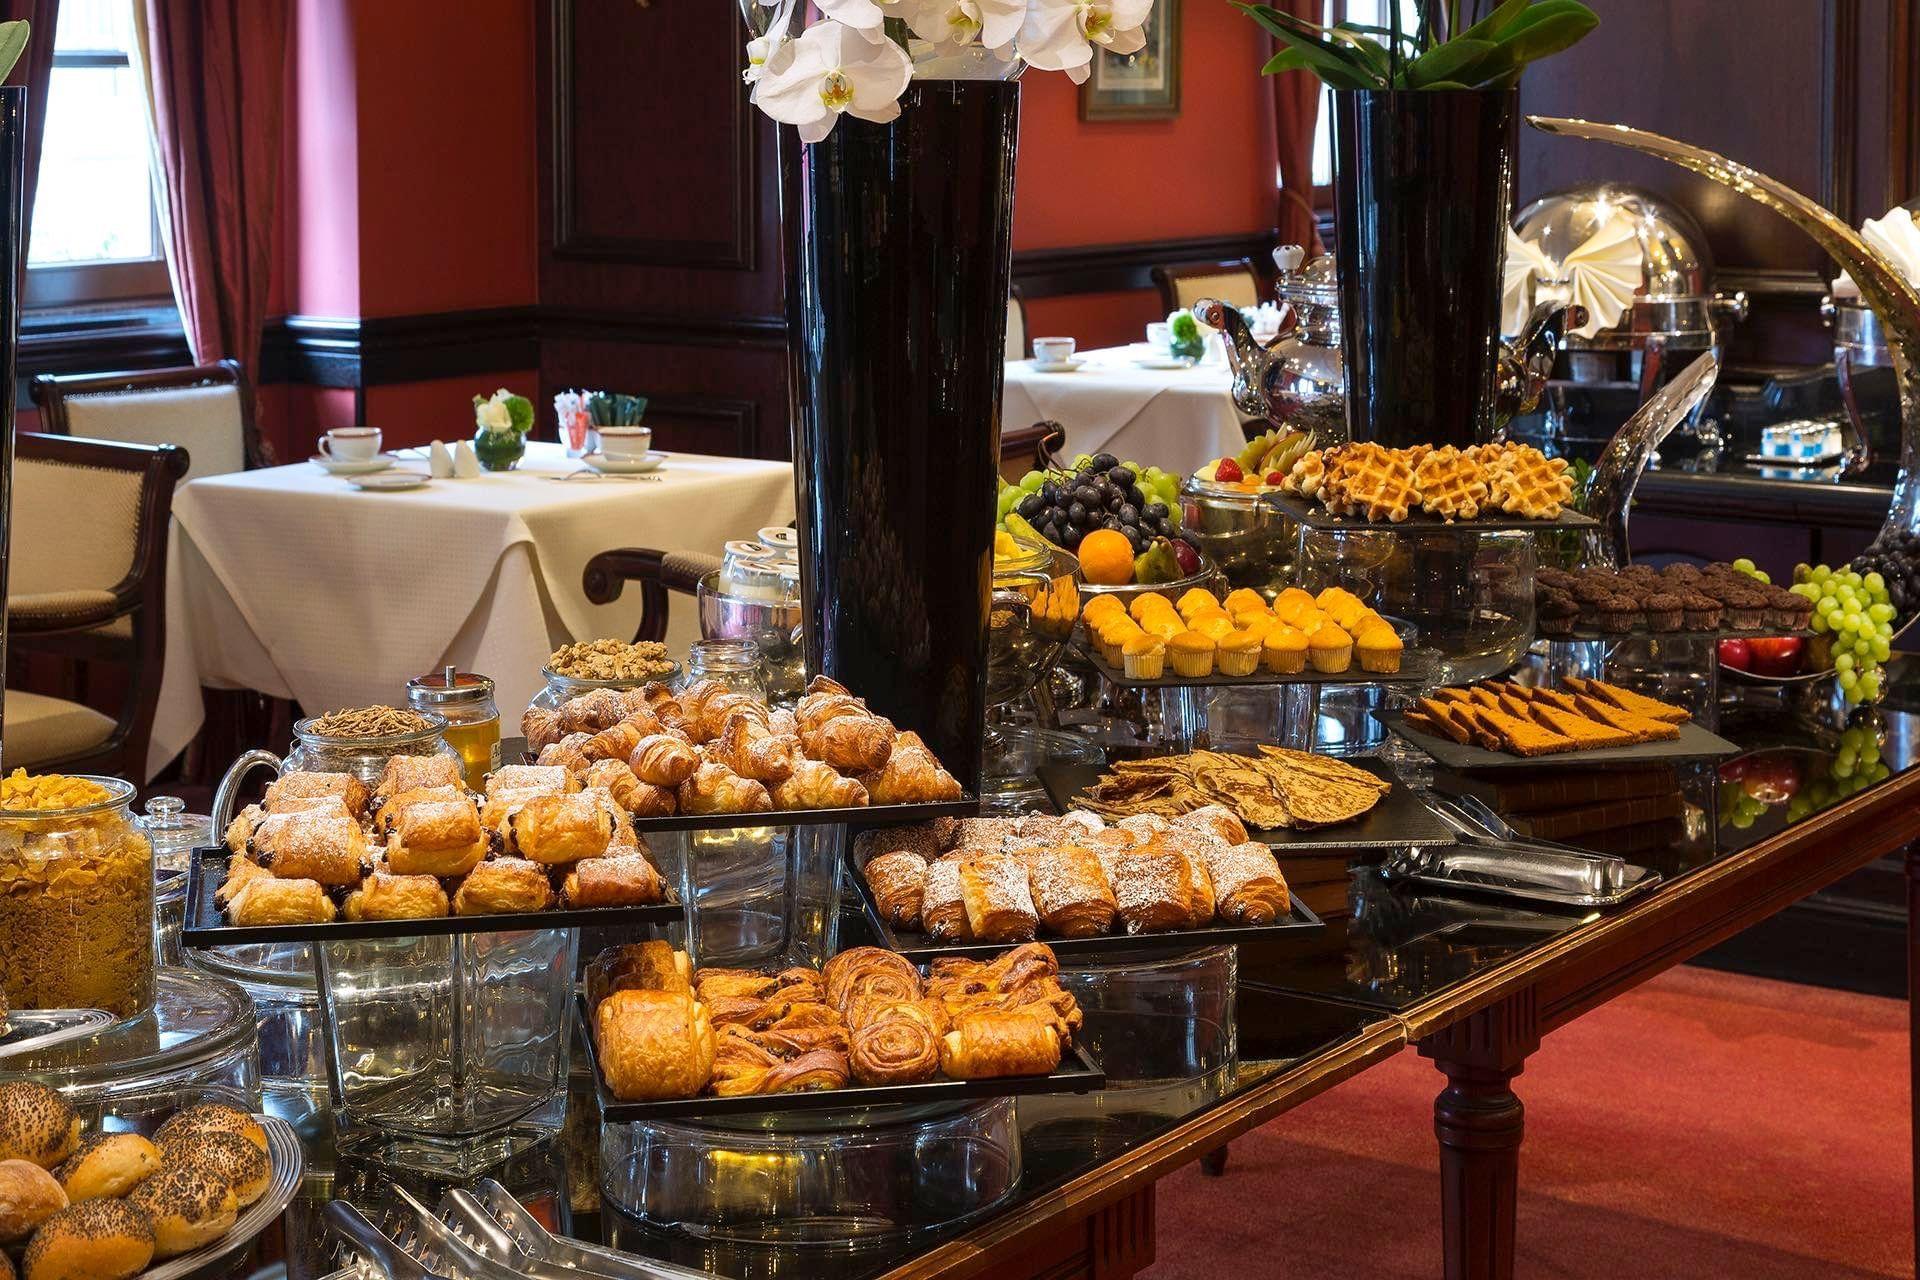 Breakfast Buffet Bakery at Warwick Brussels